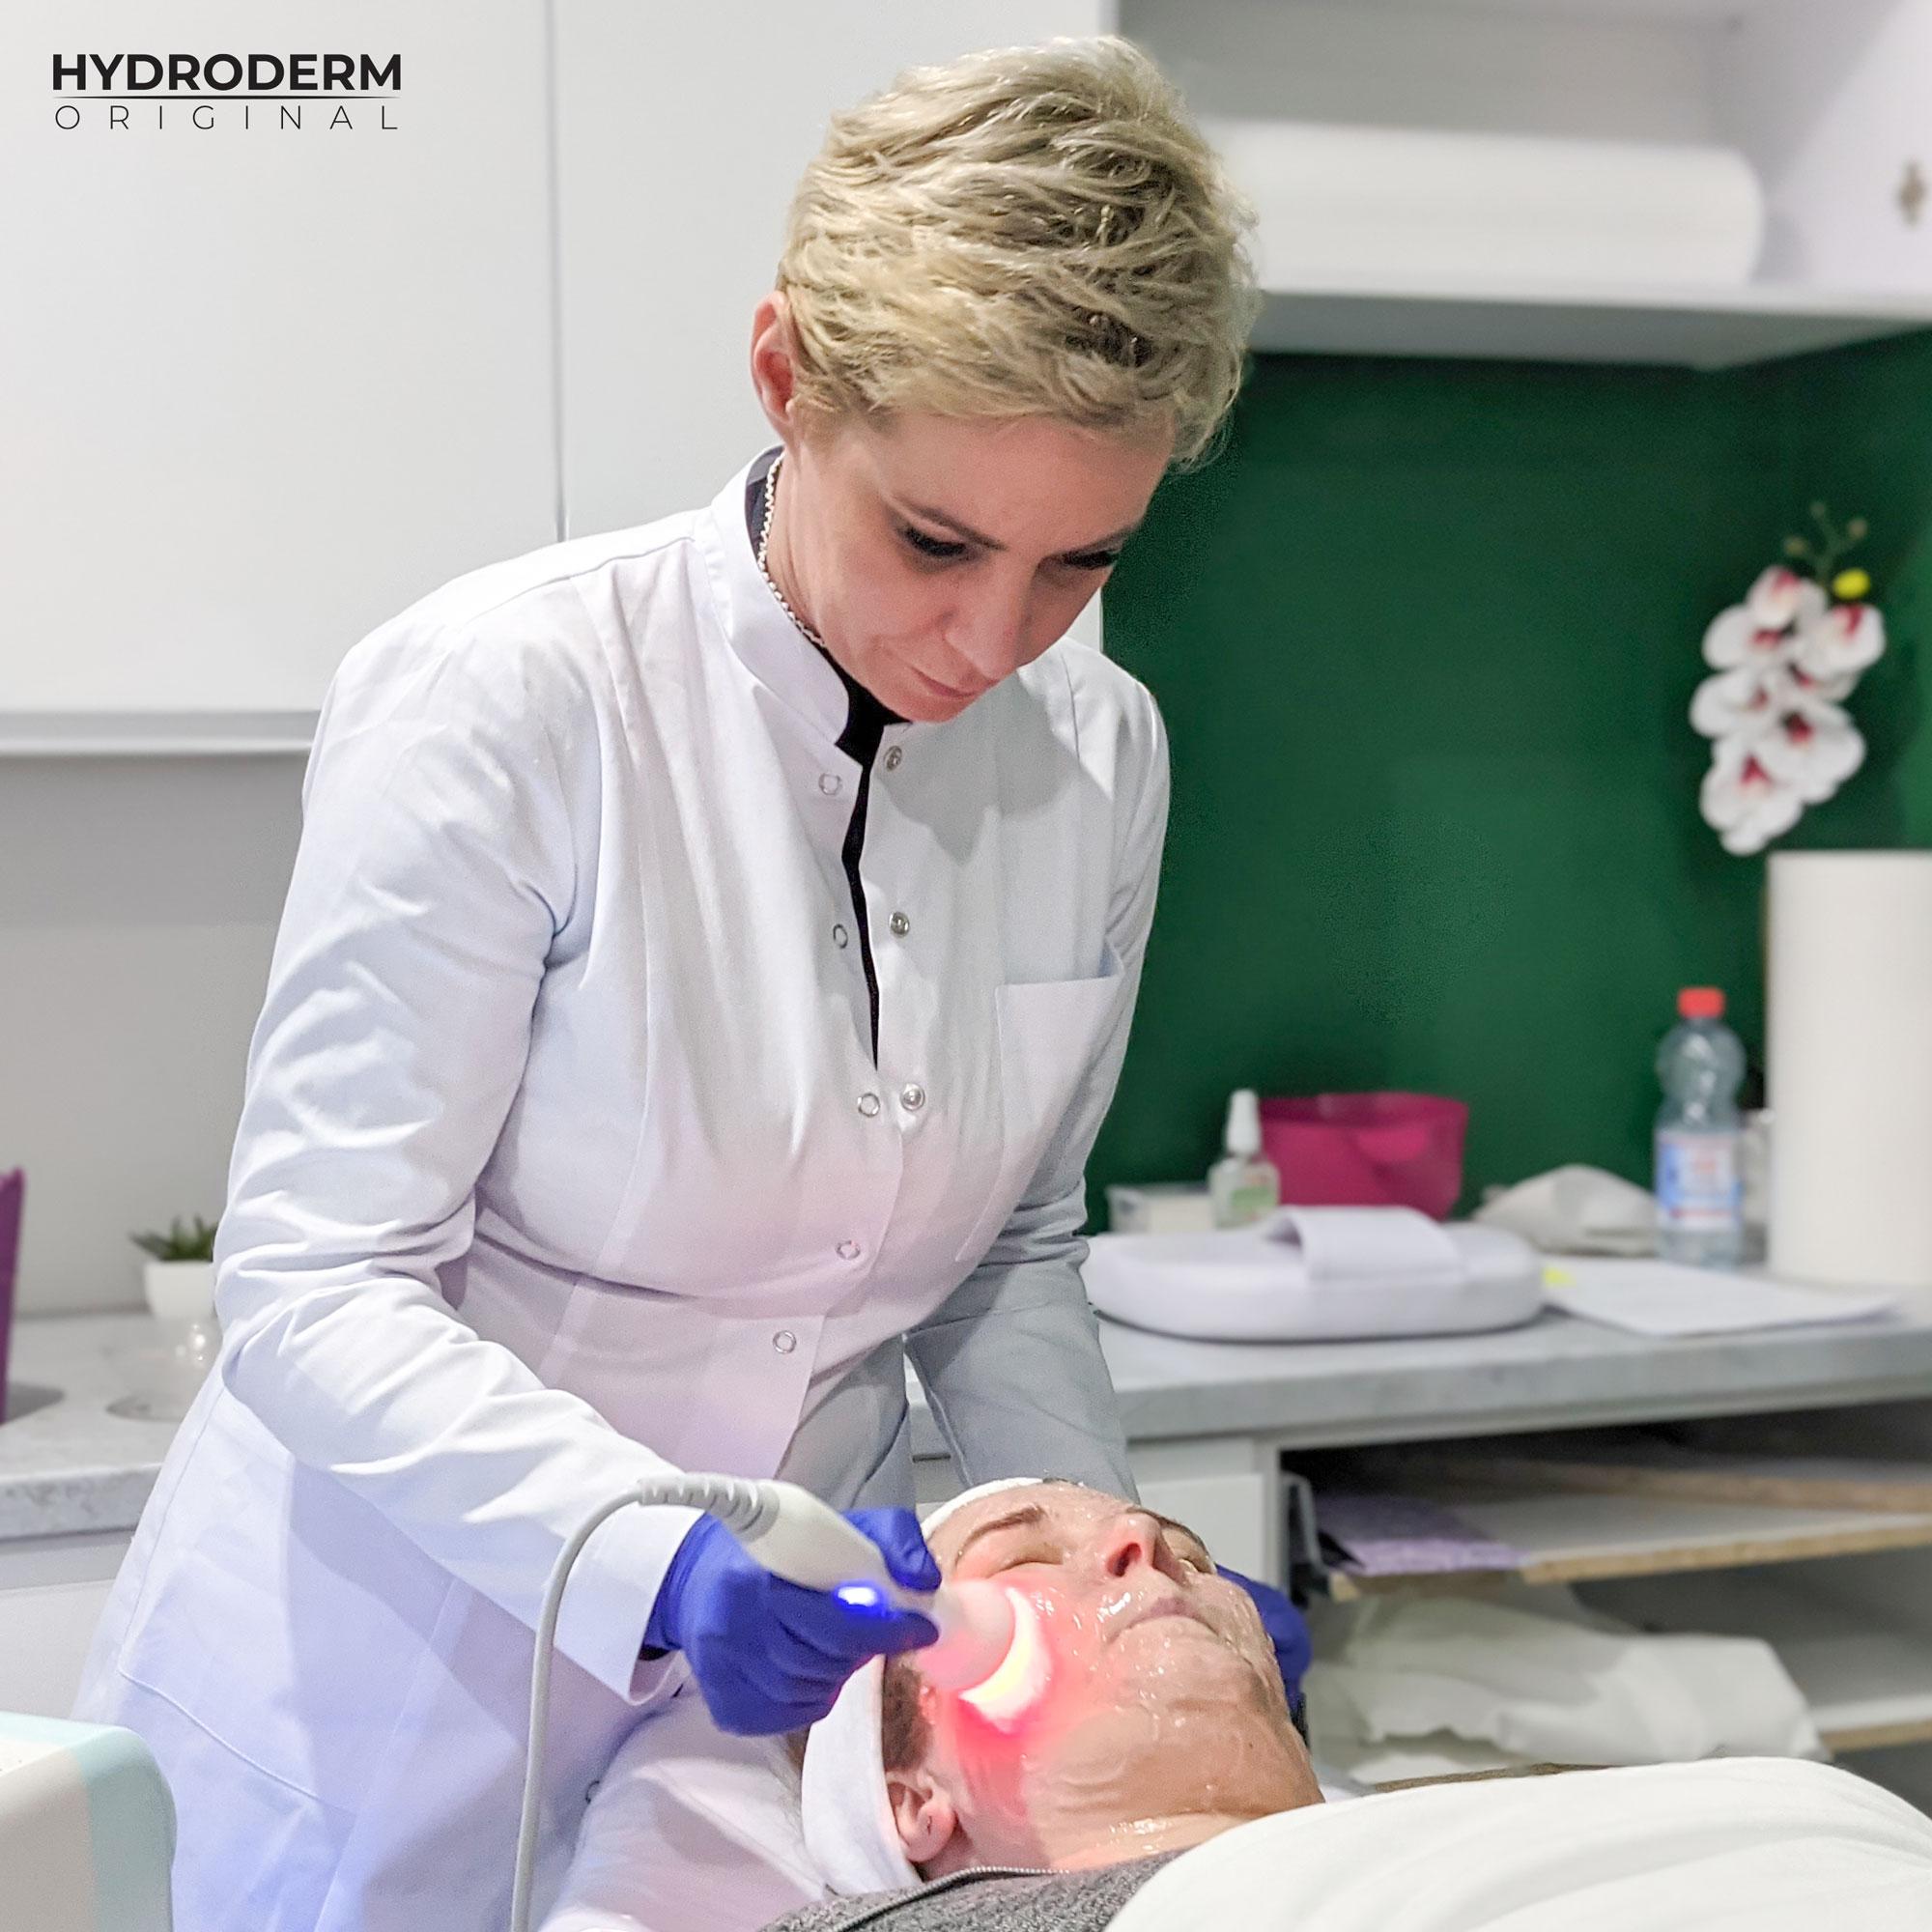 Ultradźwięki są siłą fizyczną użytą w urządzeniu do mezoterapii bezigłowej